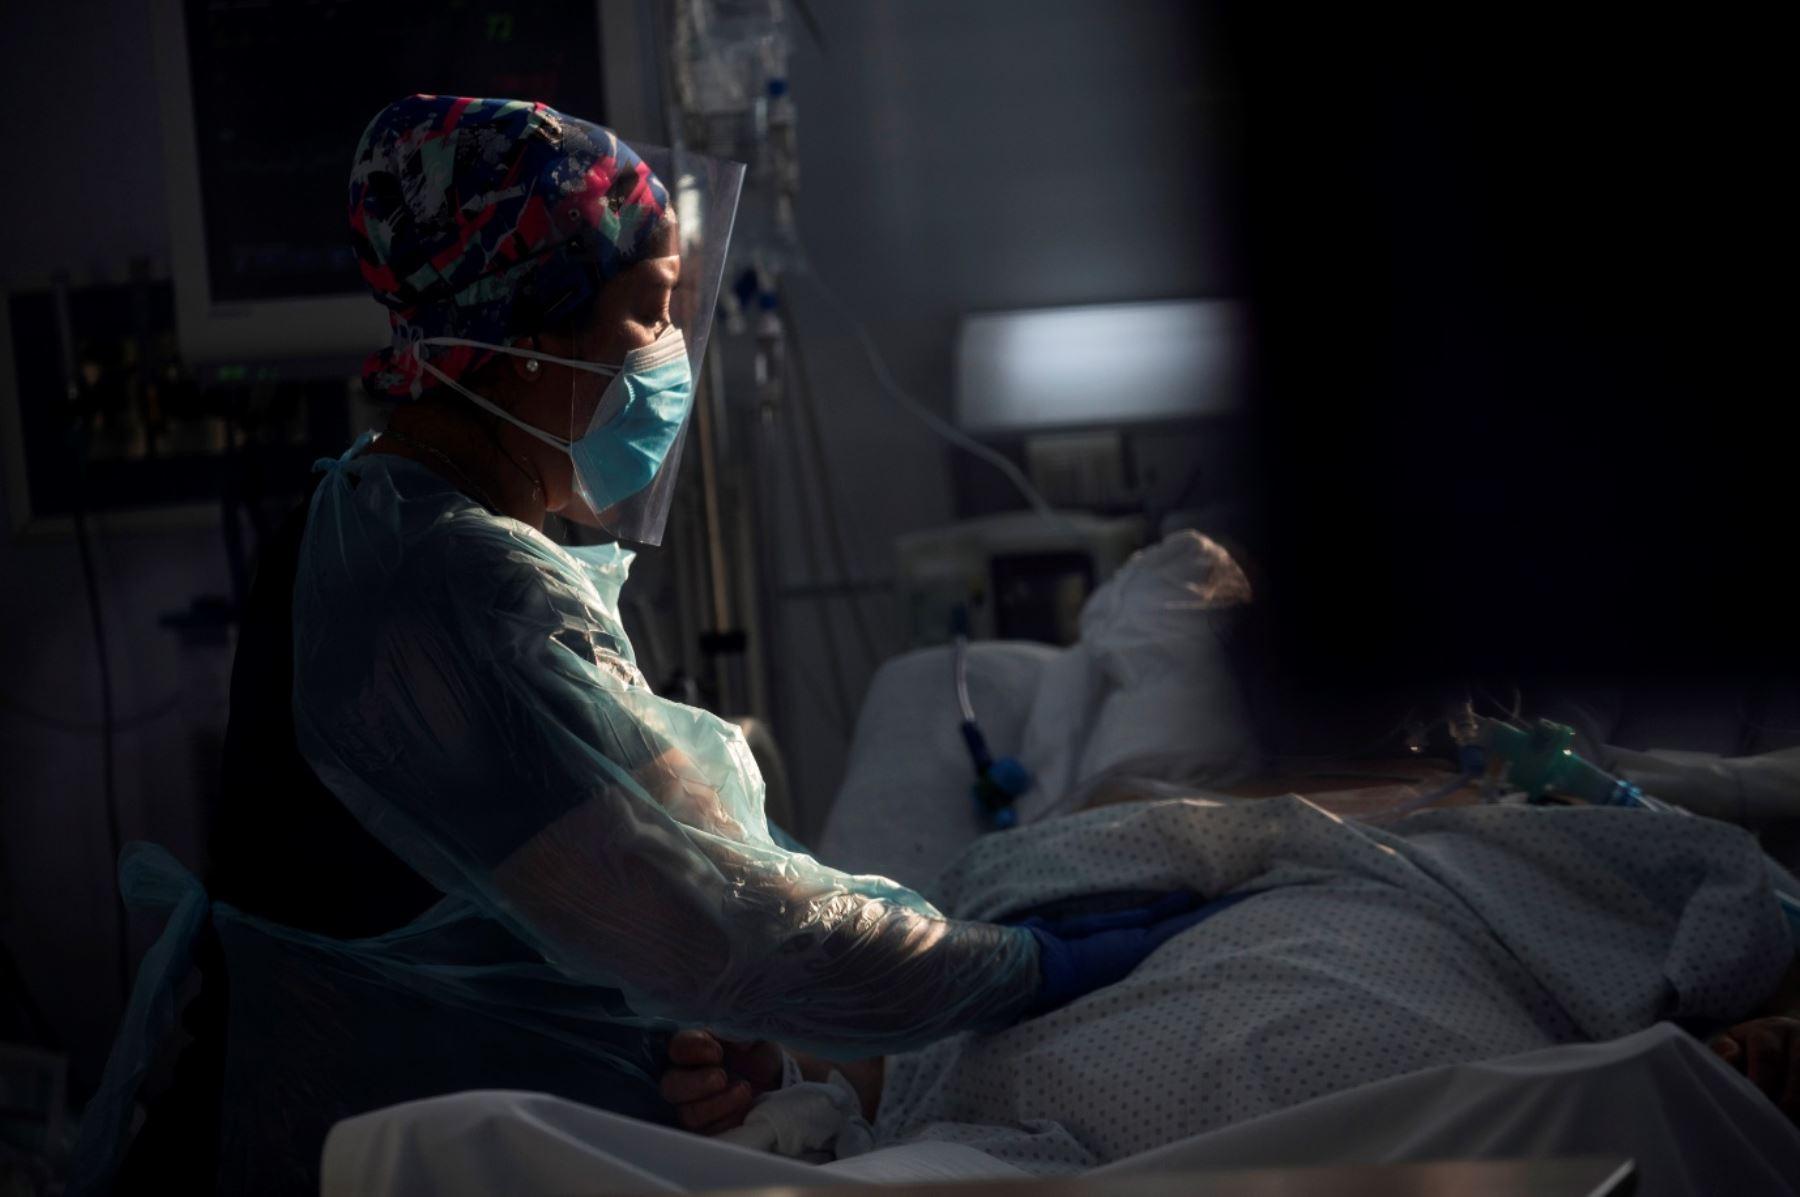 chile-suma-un-millar-de-casos-covid-19-pero-baja-el-numero-de-pacientes-en-estado-critico